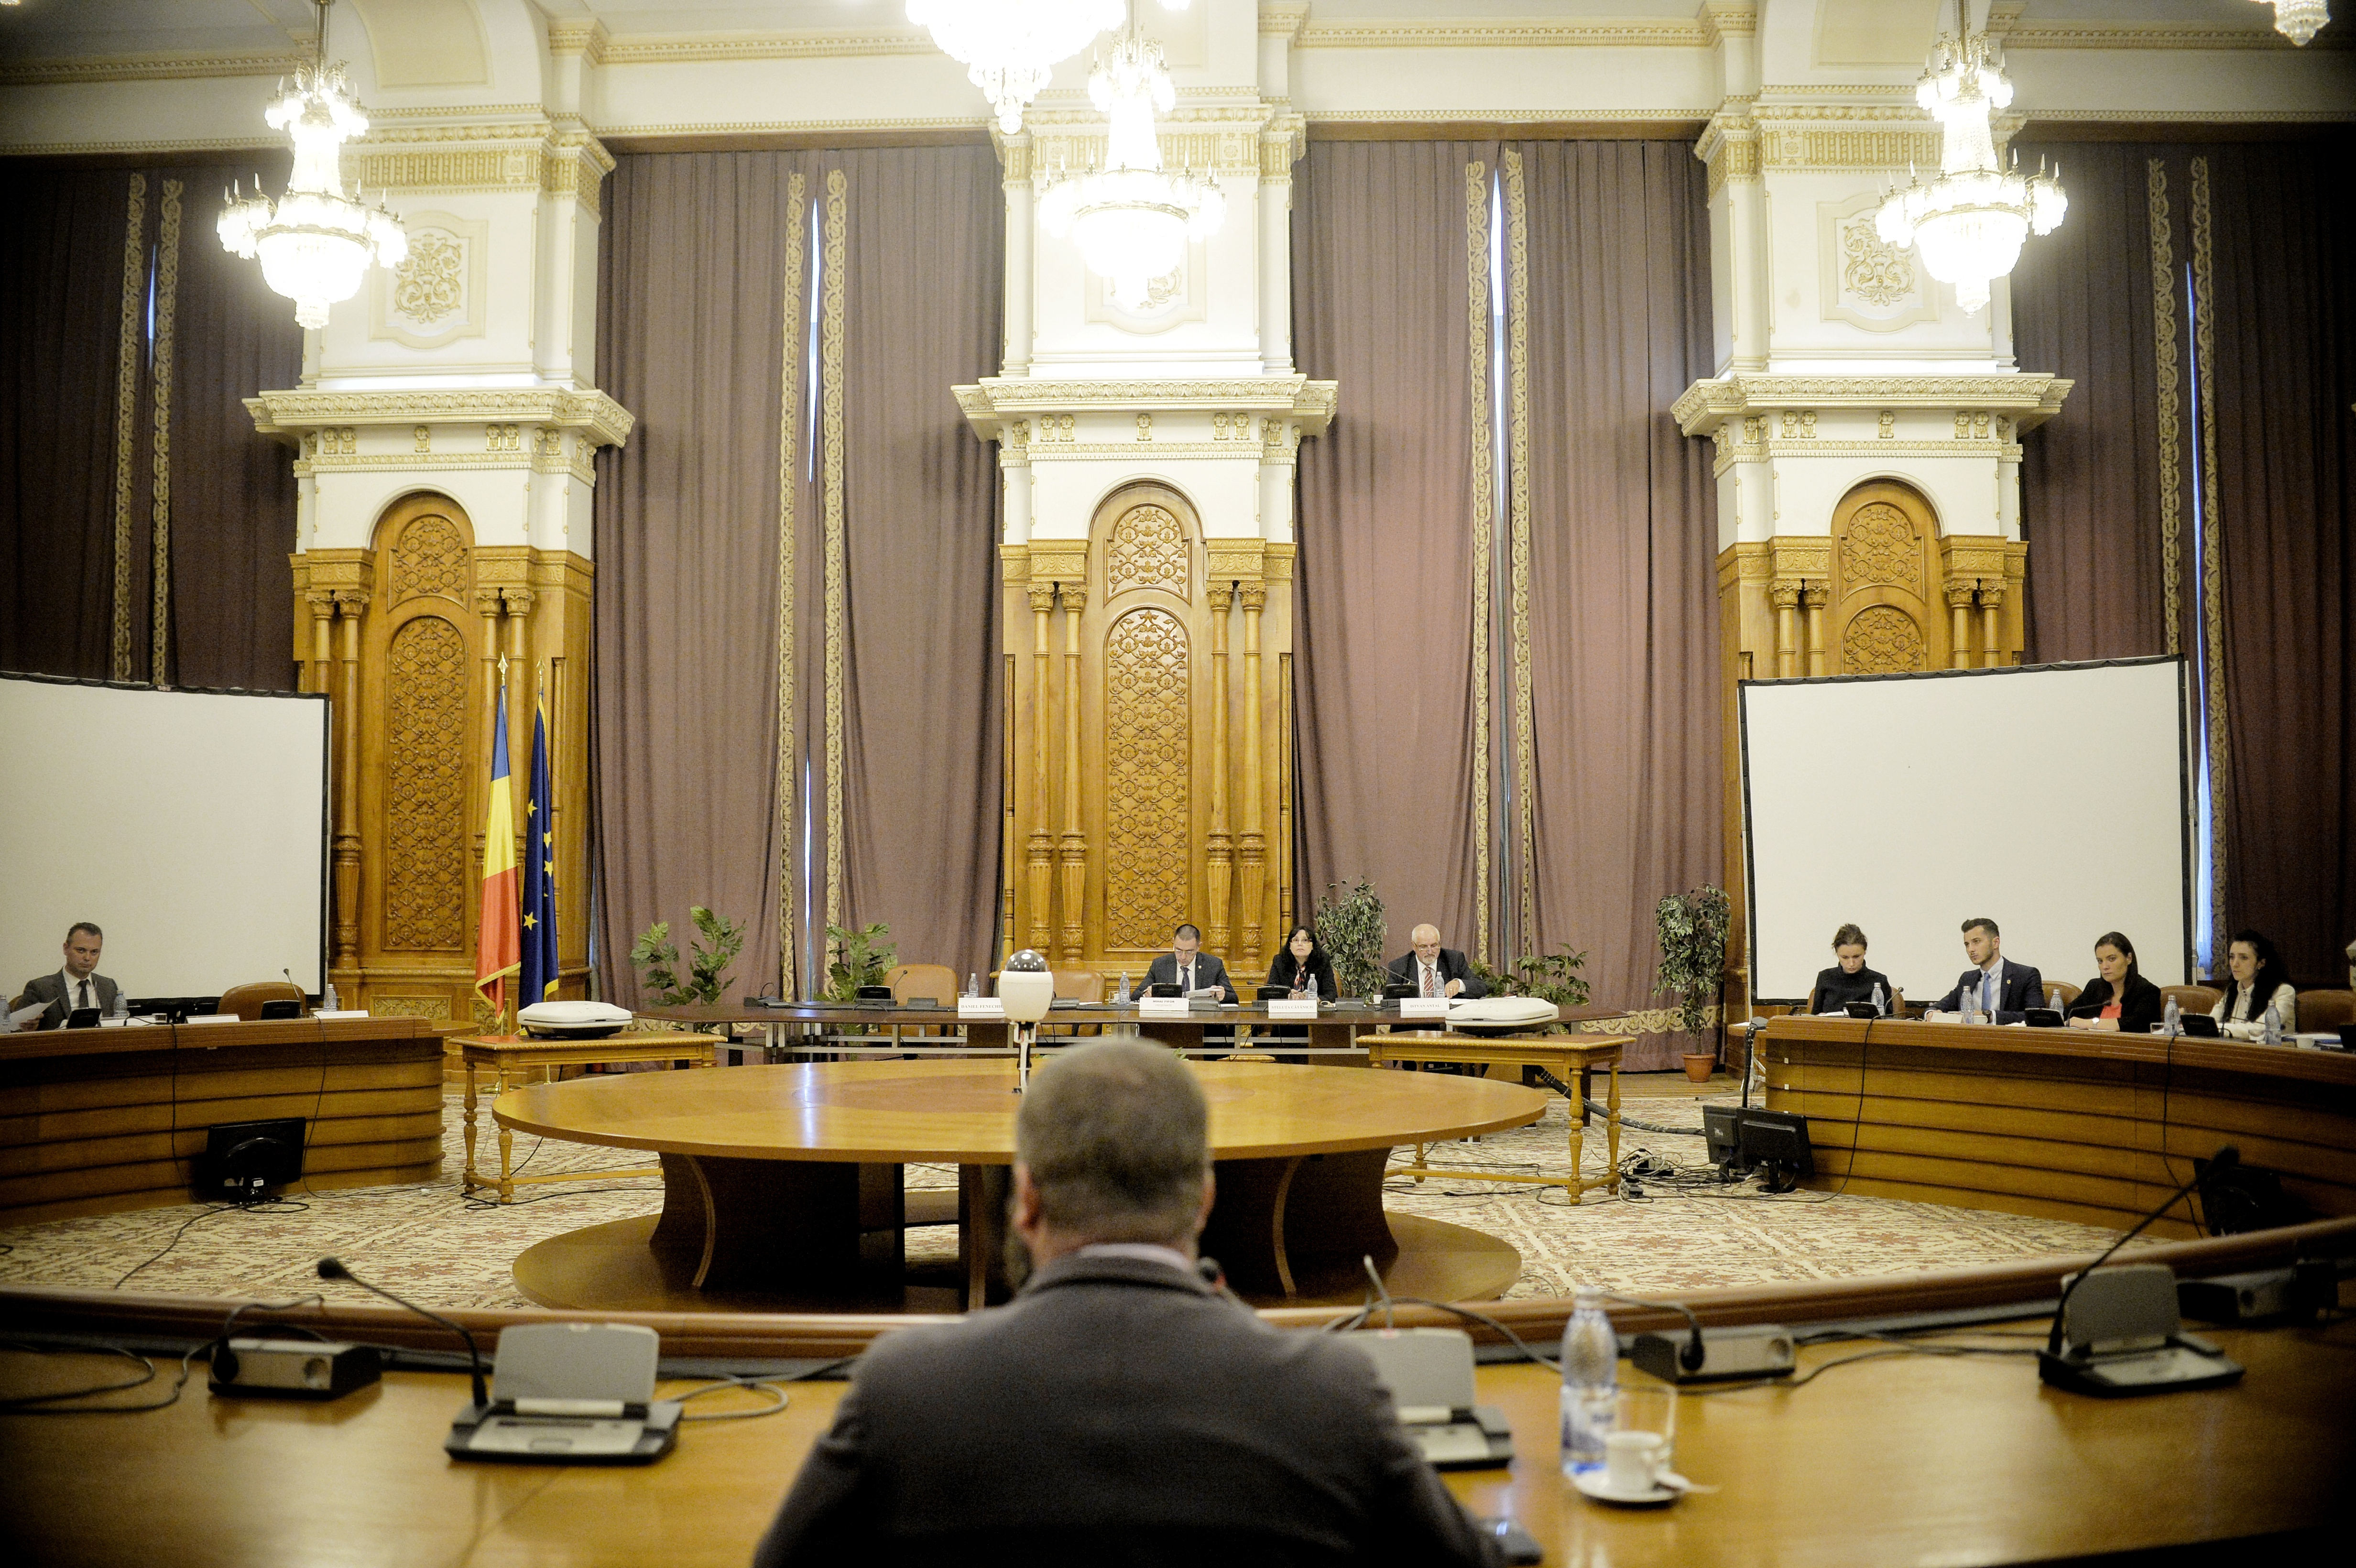 Generalul în rezervă Dumitru Iliescu a prezentat Comisiei SRI paşii `construcţiei` unui dosar împotriva unei persoane incomode